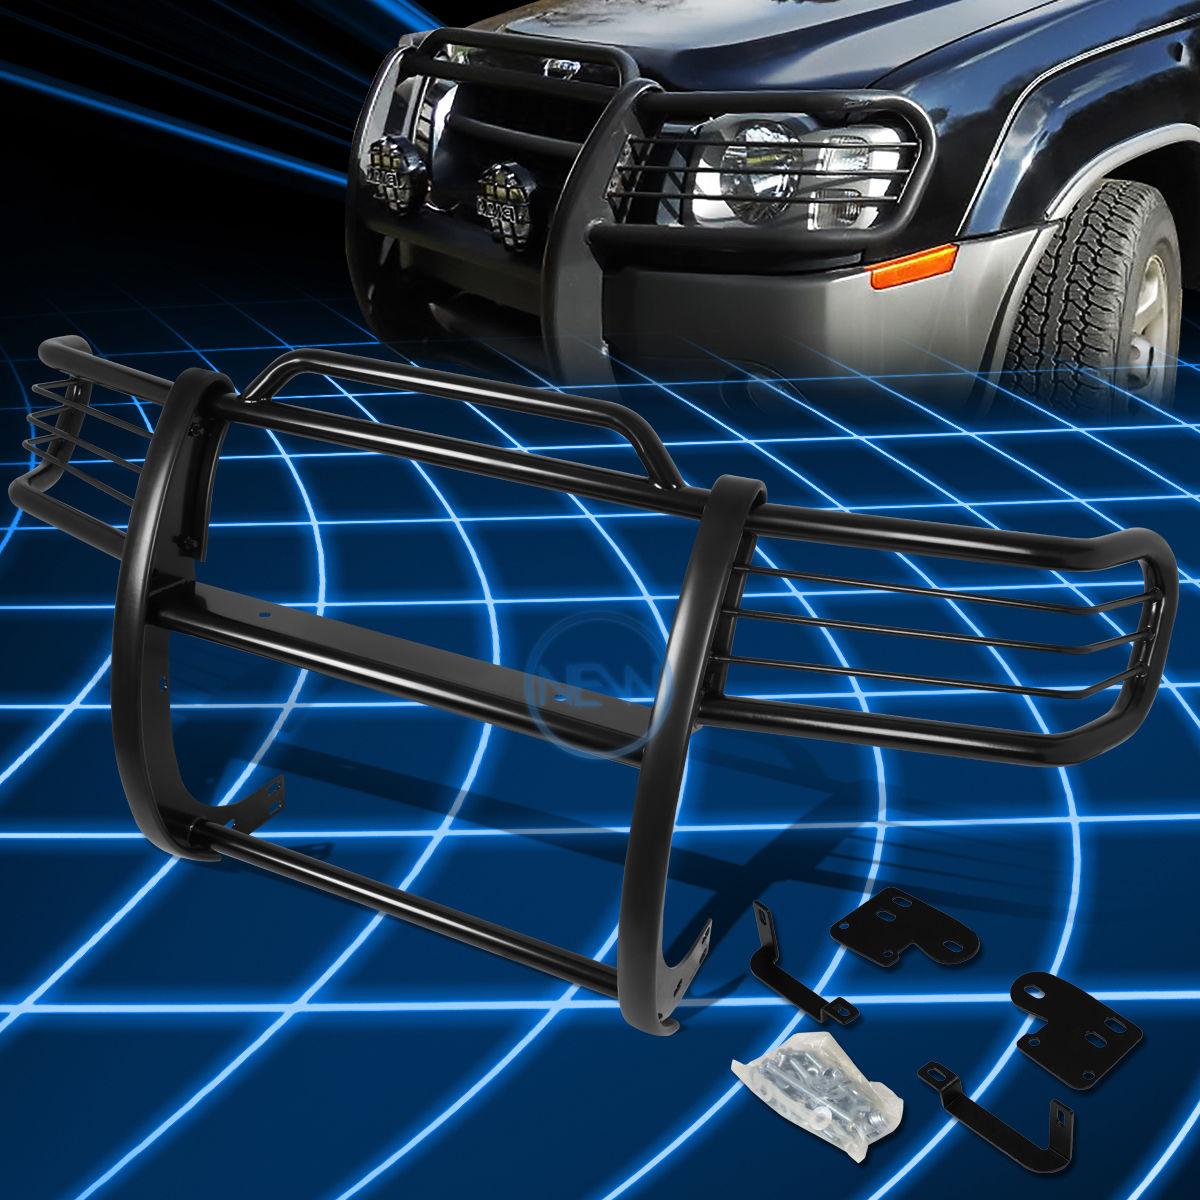 全ての グリル ブラックブラシバンパープロテクターグリルガード(1998?2000年)日産フロンティア/ Xterra Nissan Frontier/Xterra a Grille Black Brush Bumper Protector Grille Guard for 1998-2000 Nissan Frontier/Xterra, フルーツトマトのアグリベスト:76b29b7b --- mail.galyaszferenc.eu